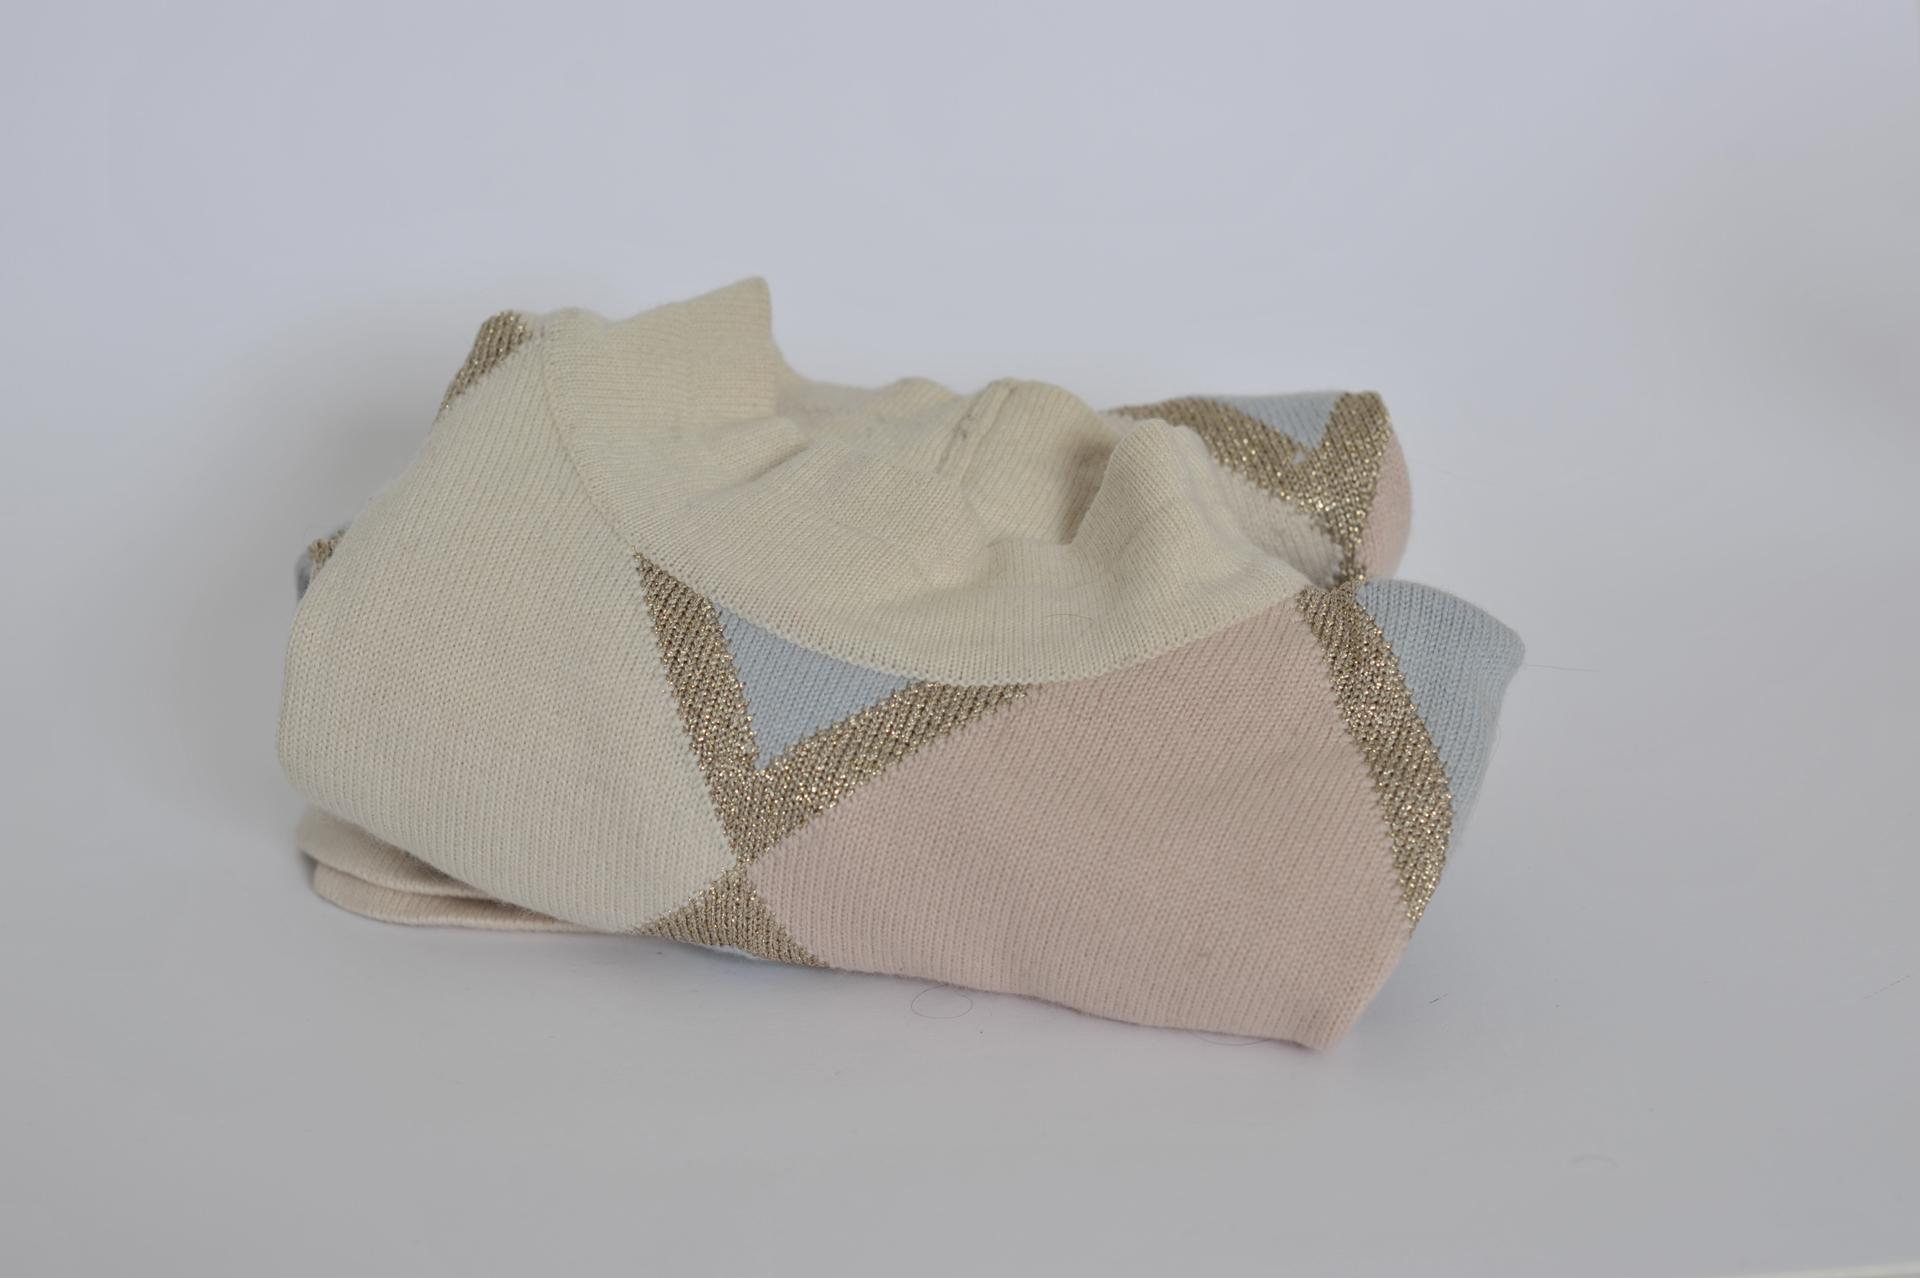 84. maglione a rombi dorati